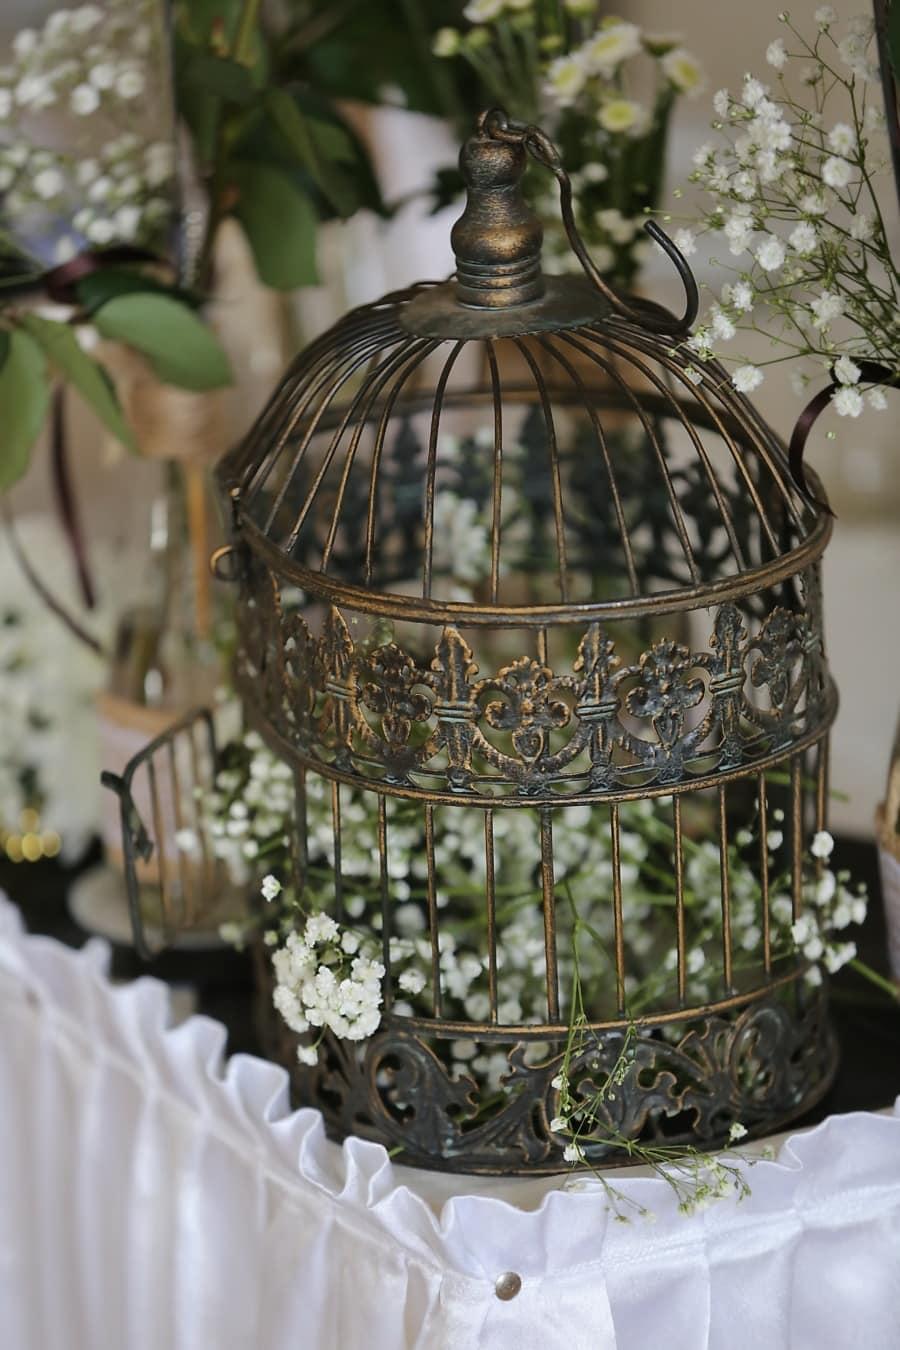 Metall, Lust auf, Käfig, Dekoration, Still-Leben, Blume, Farbe, traditionelle, Design, Luxus